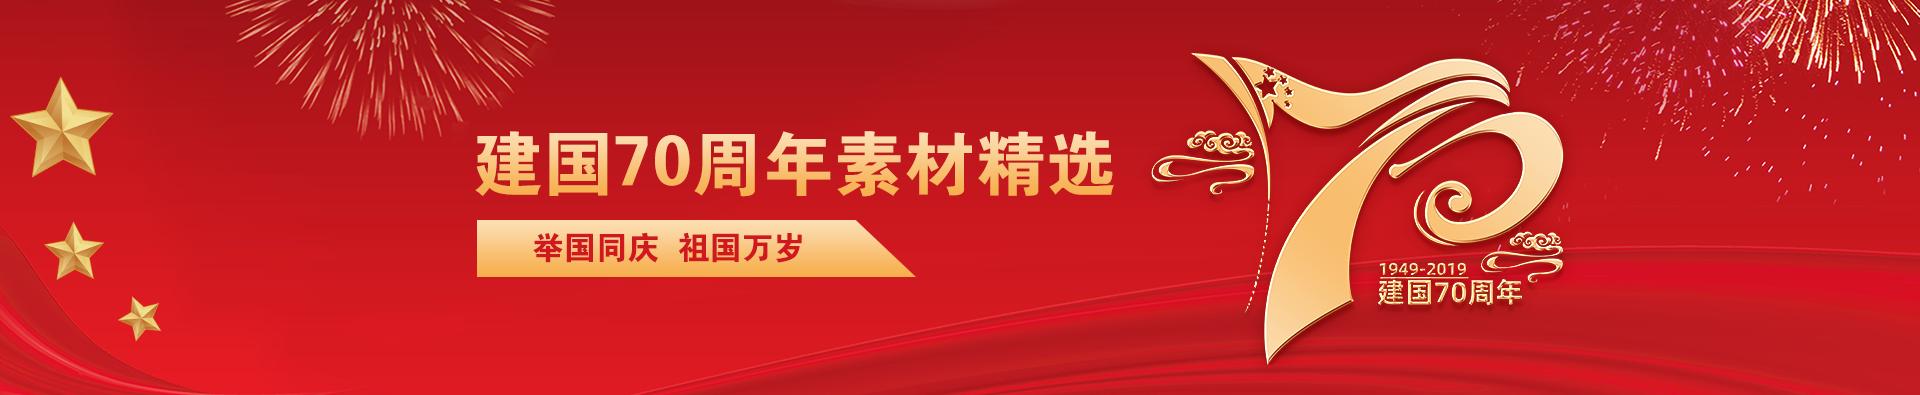 建国七十周年庆视频模板素材专栏